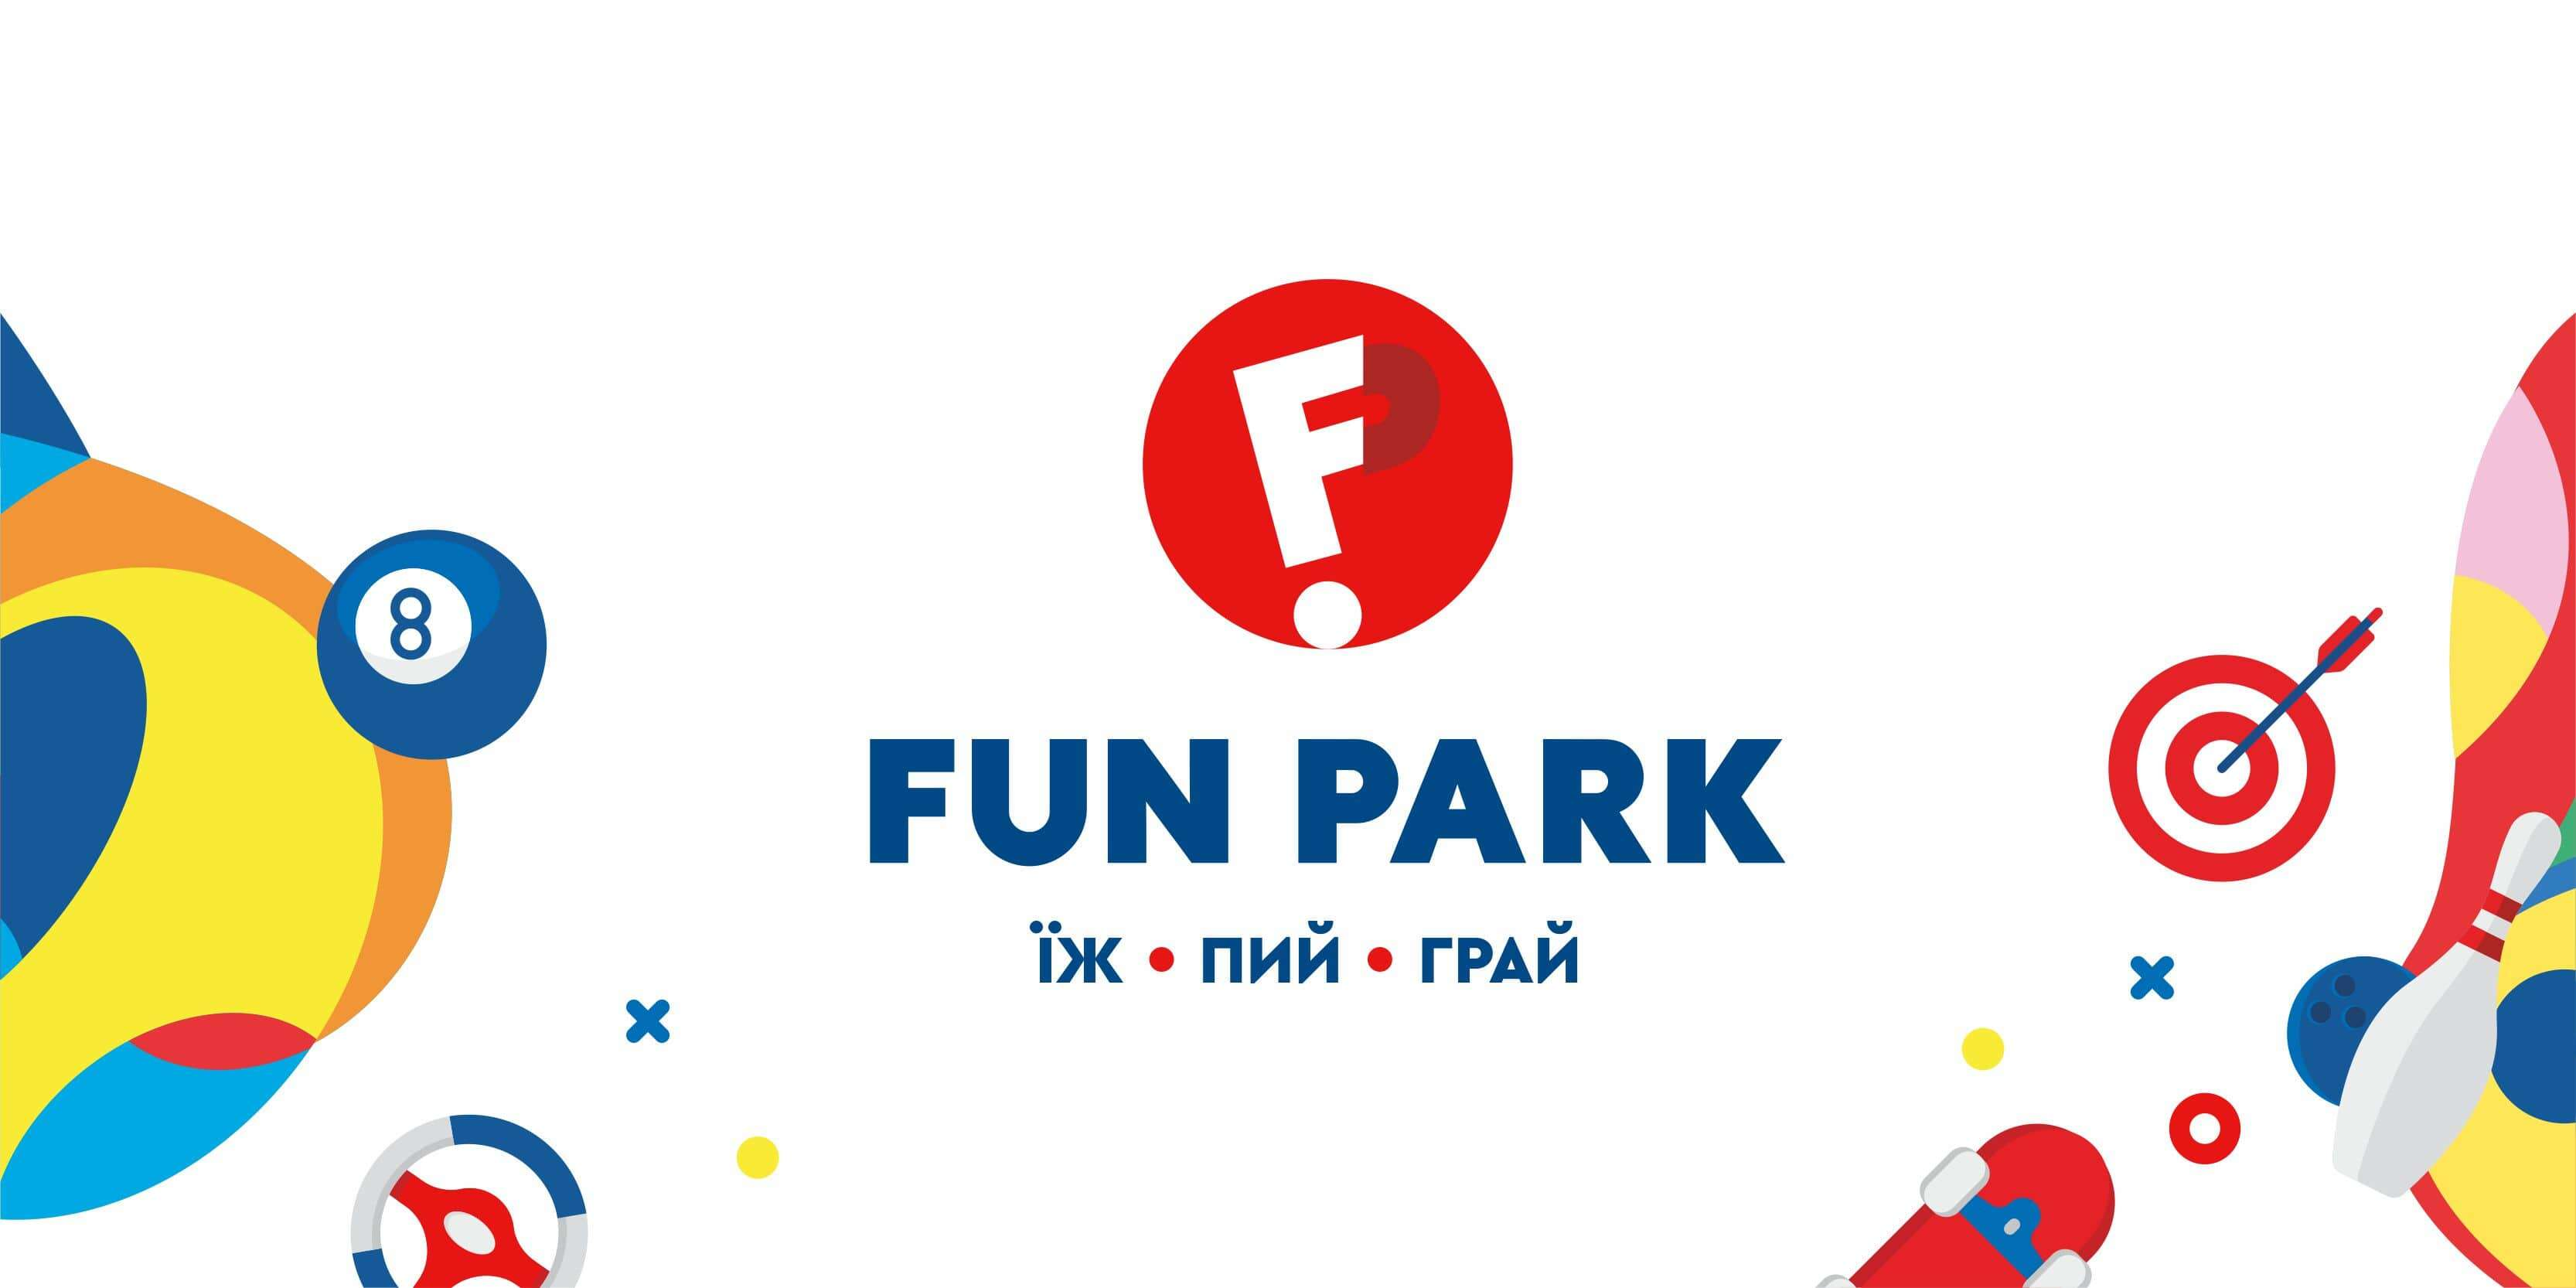 логотипа игрового развлекательного центра Fun Park